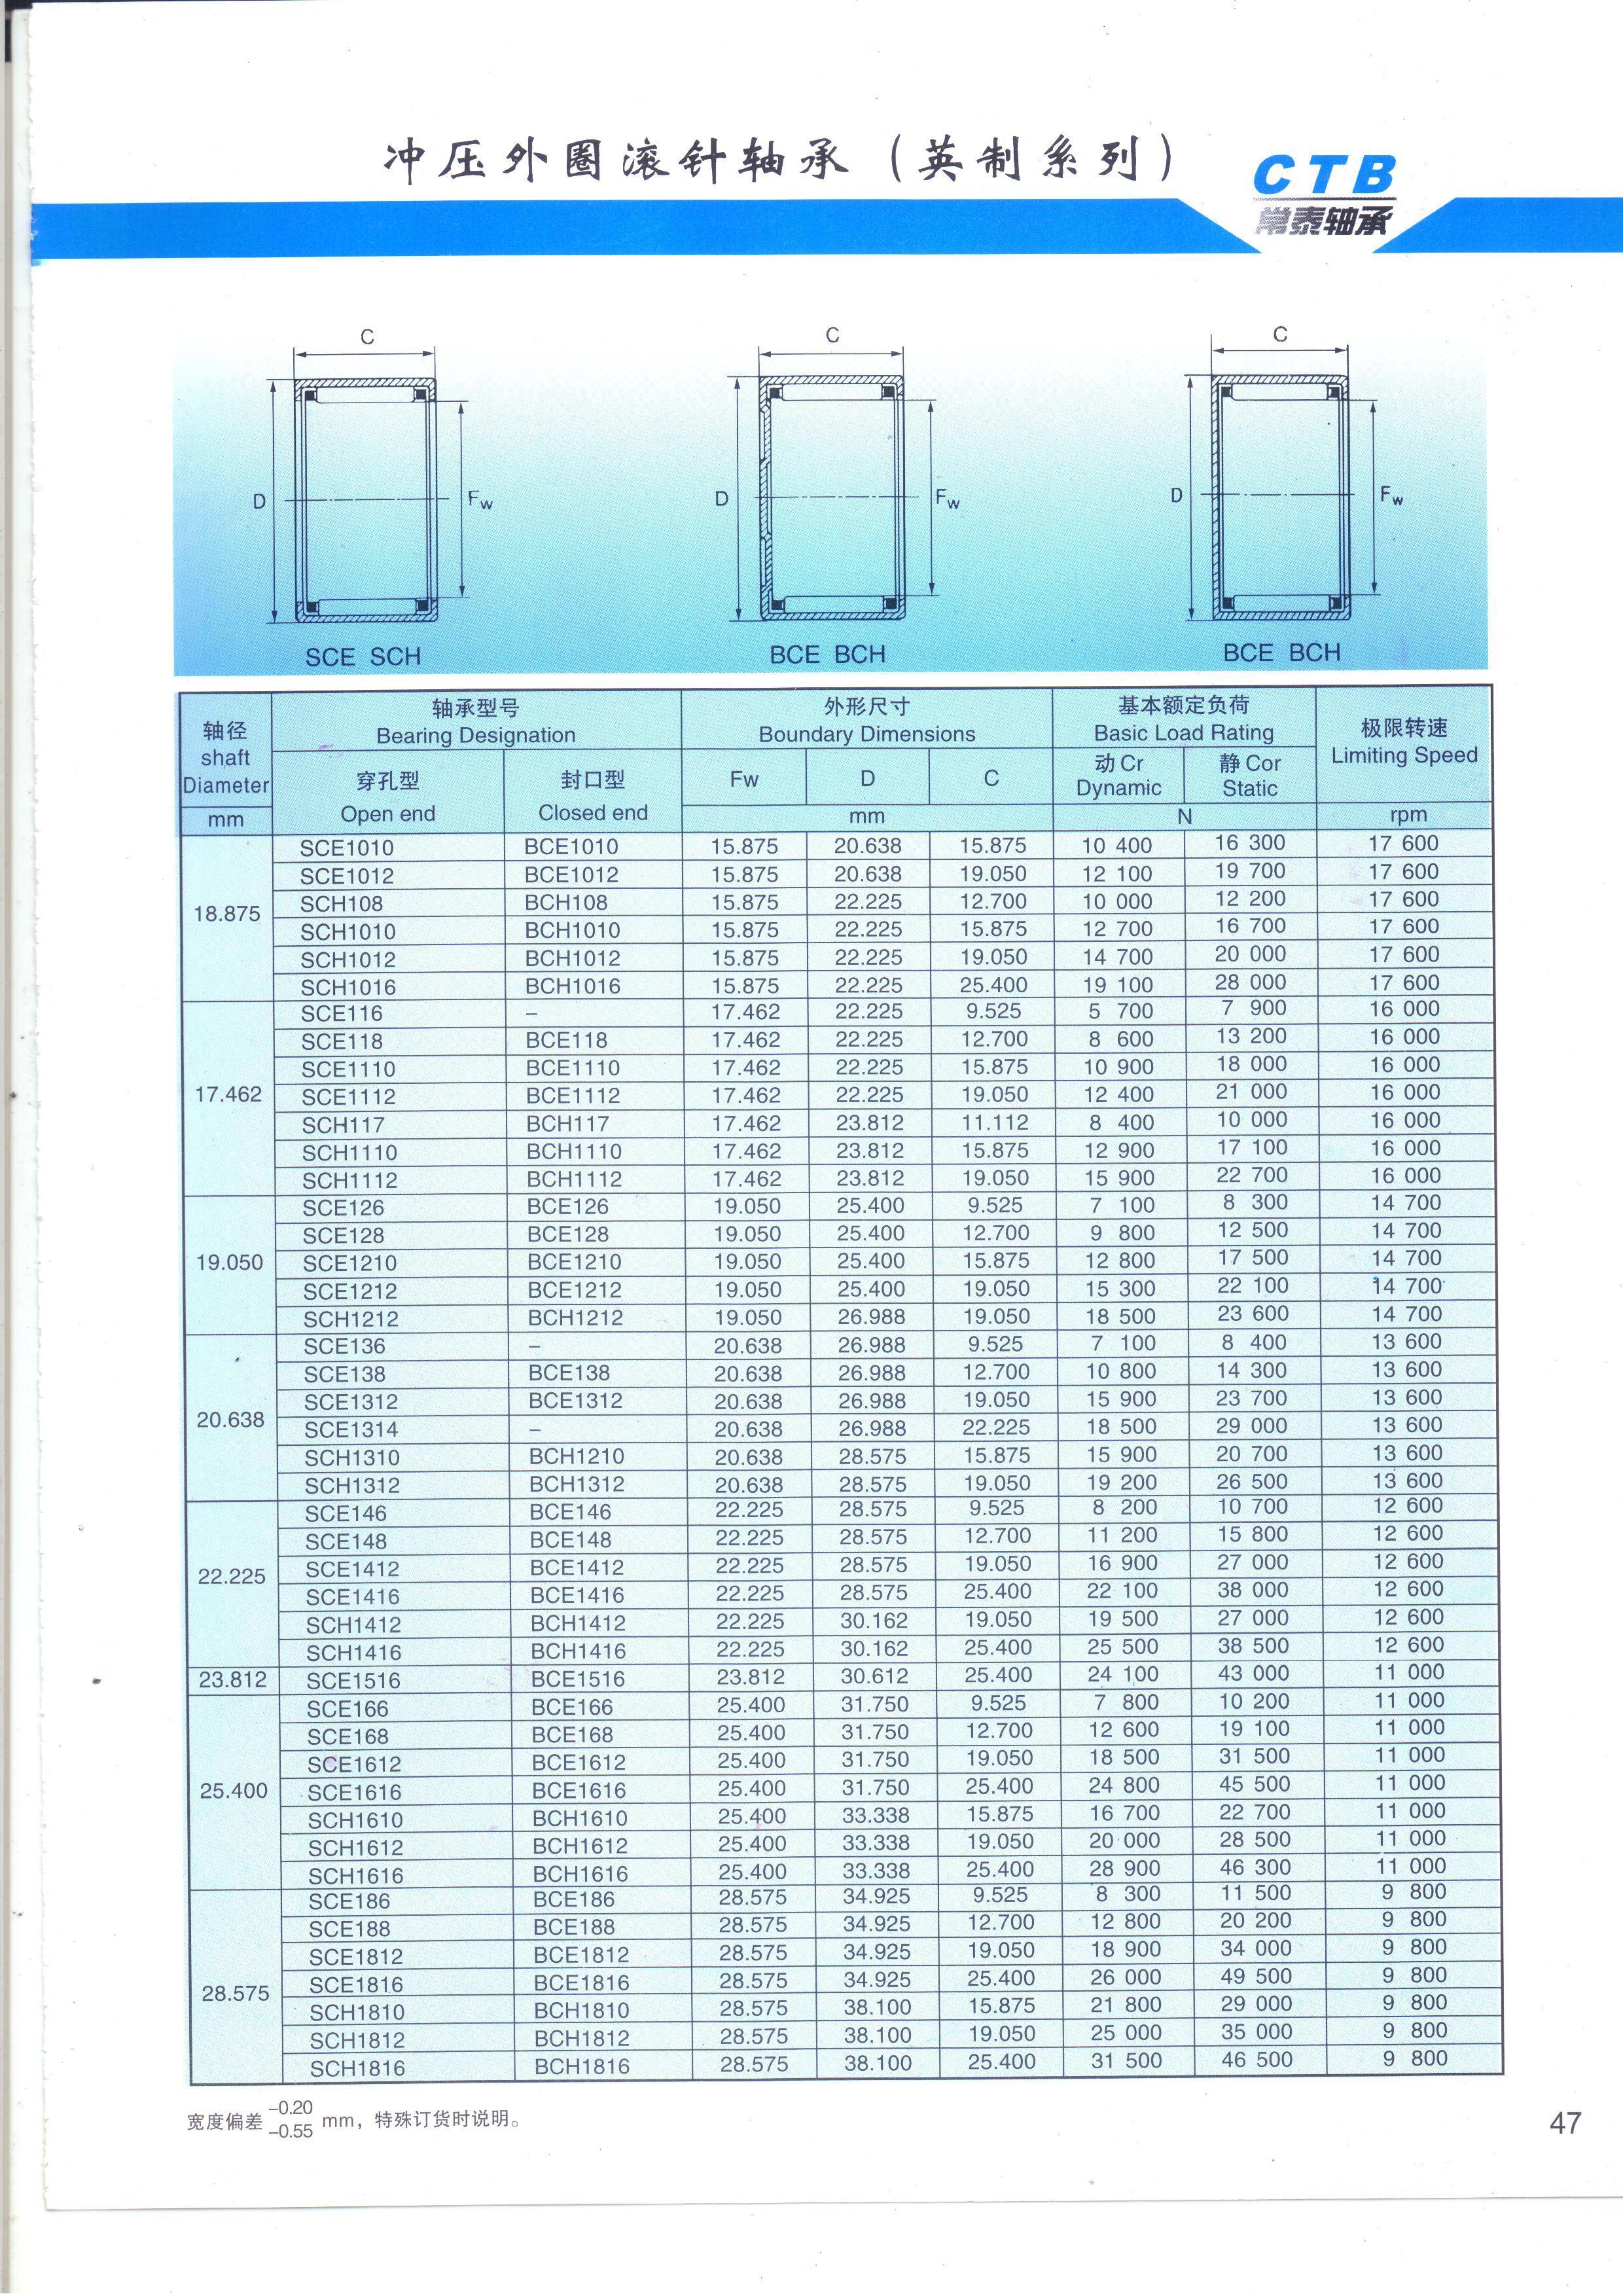 SCE1010 |  SCE1012 |  SCH108 |  SCH1010 |  SCH1012 |  SCH1016 |  SCE116 |  SCE118 |  SCE1110 |  SCE1112 |  SCH117 |  SCH1110 |  SCH1112 |  SCE126 |  SCE128 |  SCE1210 |  SCE1212 |  SCH1212 |  SCE136 |  SCE138 |  SCE1312 |  SCE1314 |  SCH1310 |  SCH1312 |  SCE146 |  SCE148 |  SCE1412 |  SCE1416 |  SCH1412 |  SCH1416 |  SCE1516 |  SCE166 |  SCE168 |  SCE1612 |  SCE1616 |  SCH1610 |  SCH1612 |  SCH1616 |  SCE186 |  SCE188 |  SCE1812 |  SCE1816 |  SCH1810 |  SCH1812 |  SCH1816 |   BCE1010 |  BCE1012 |  BCH108 |  BCH1010 |  BCH1012 |  BCH1016 |   BCE118 |  BCE1110 |  BCE1112 |  BCH117 |  BCH1110 |  BCH1112 |  BCE126 |  BCE128 |  BCE1210 |  BCE1212 |  BCH1212 |   BCE138 |  BCE1312 |   BCH1310 |  BCH1312 |  BCE146 |  BCE148 |  BCE1412 |  BCE1416 |  BCH1412 |  BCH1416 |  BCE1516 |  BCE166 |  BCE168 |  BCE1612 |  BCE1616 |  BCH1610 |  BCH1612 |  BCH1616 |  BCE186 |  BCE188 |  BCE1812 |  BCE1816 |  BCH1810 |  BCH1812 |  BCH1816 |